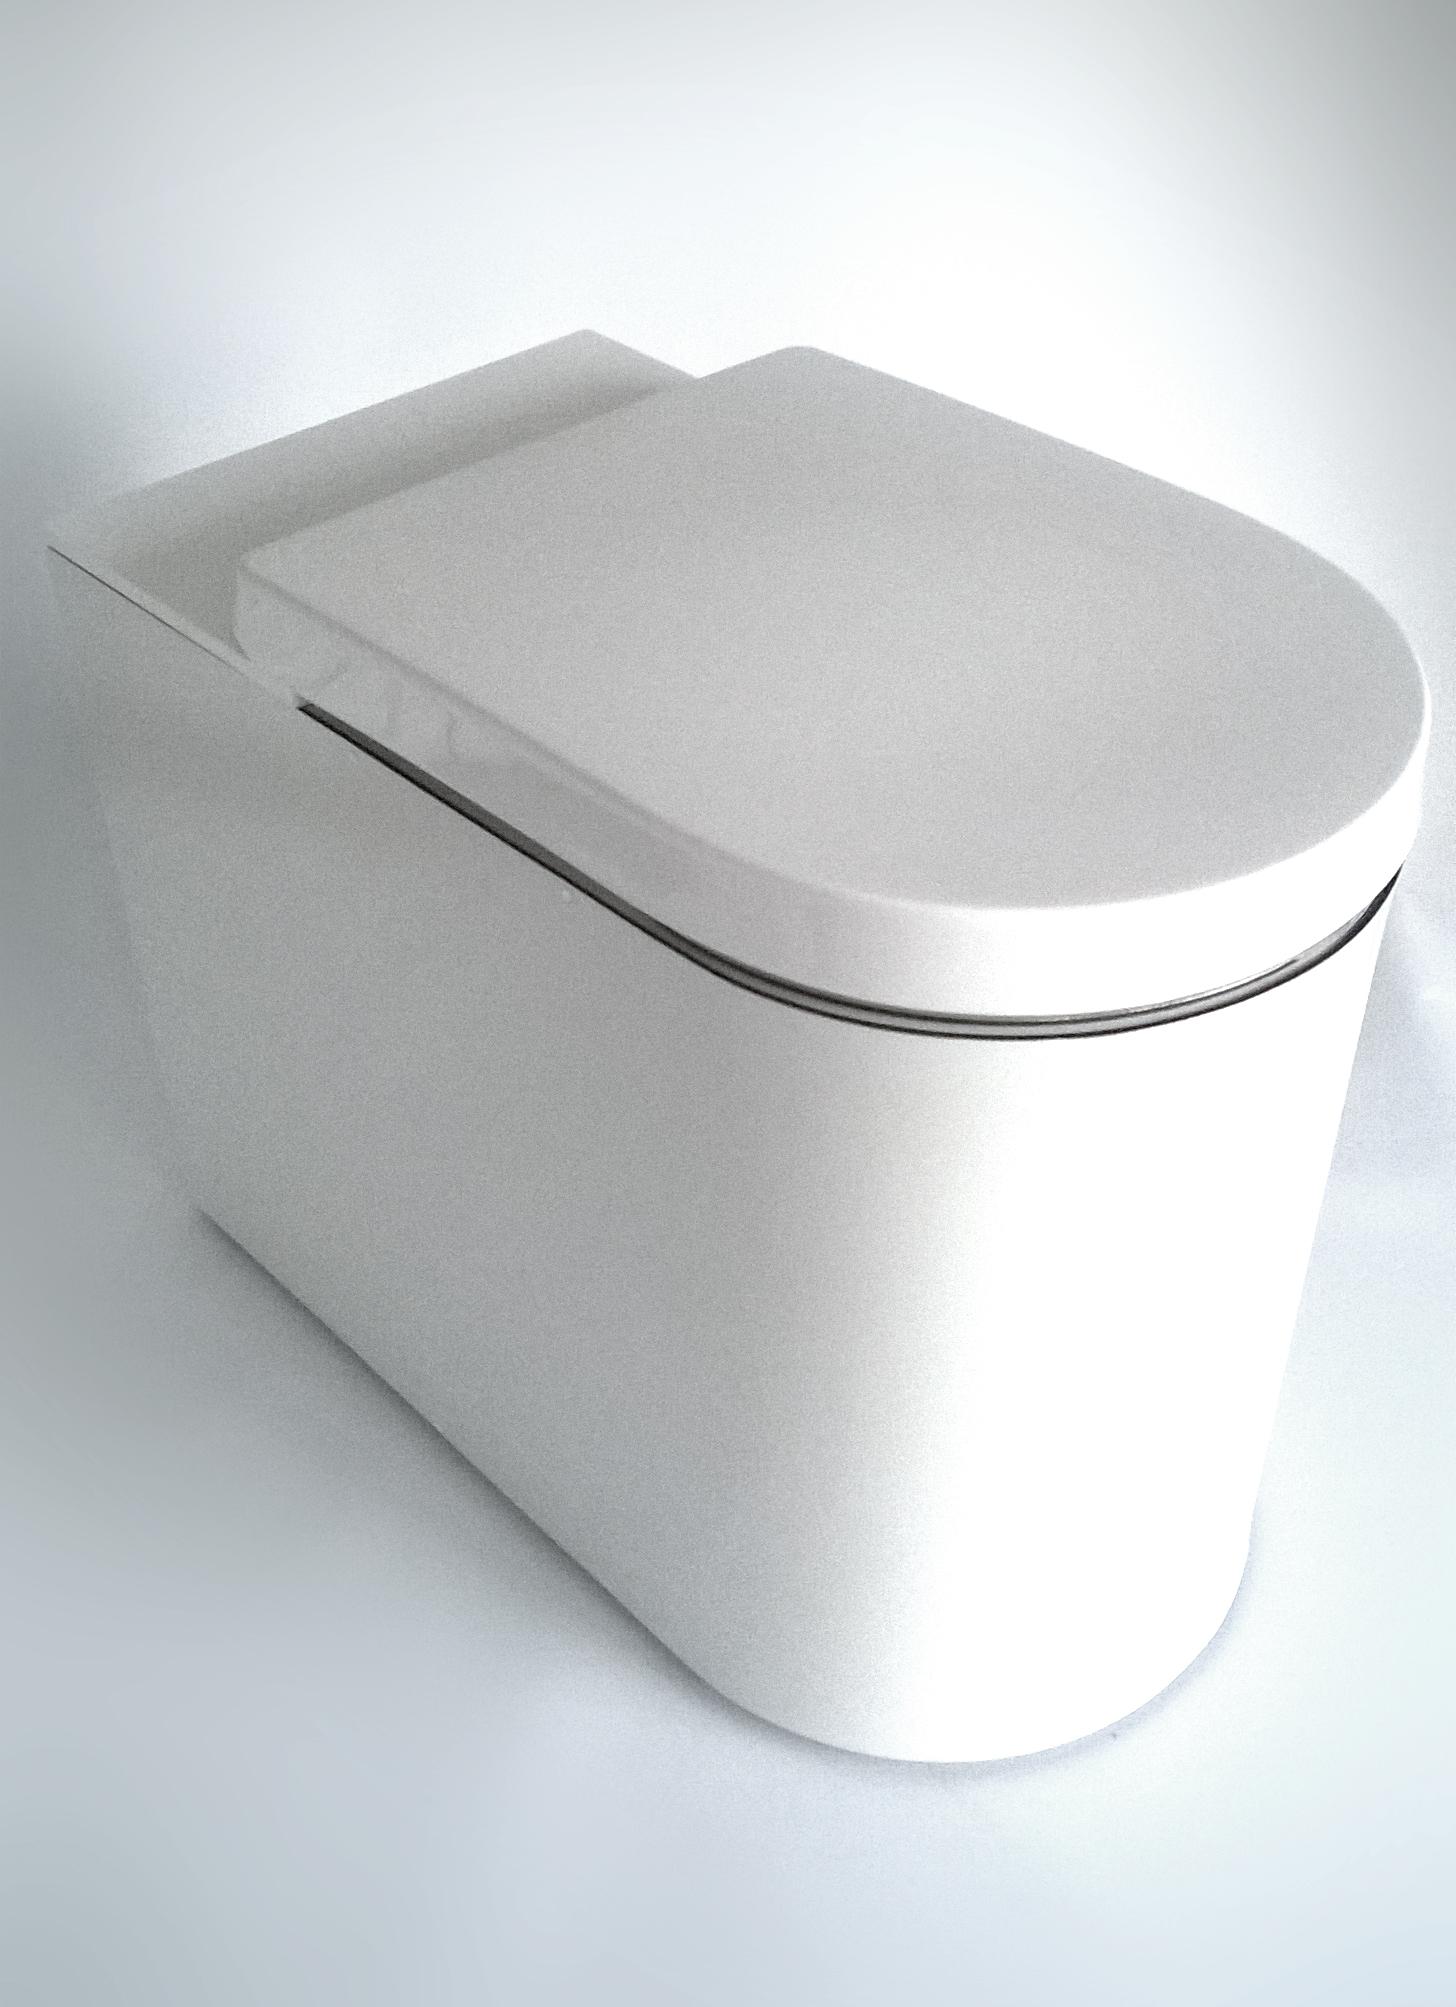 Simploo Waterless Composting Toilet